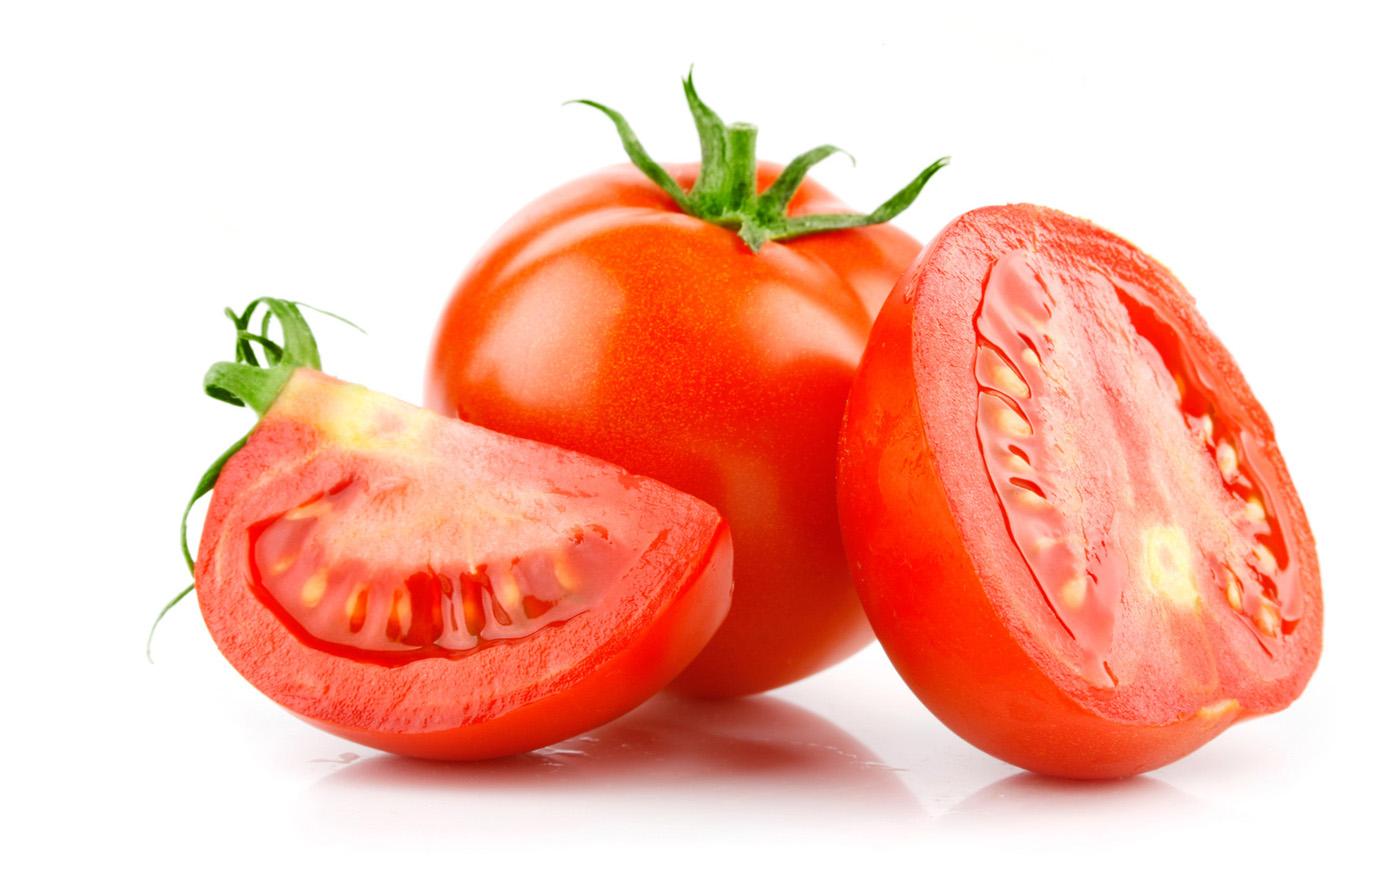 الطماطم لعلاج دوالى الساقين